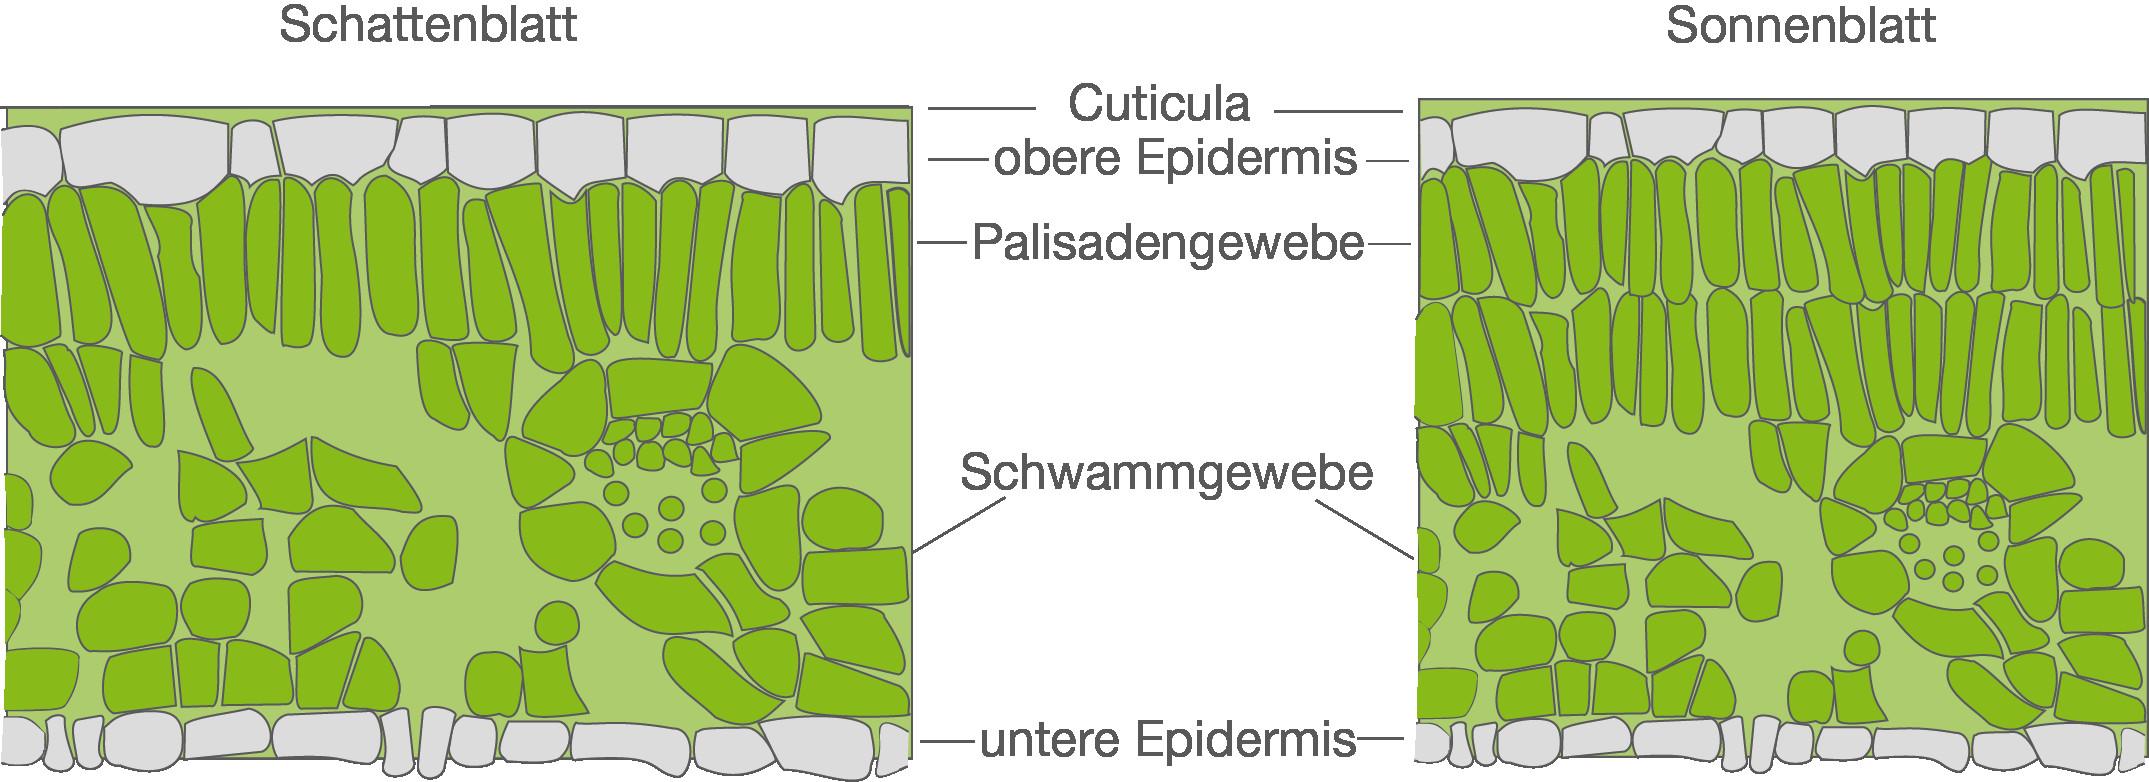 Licht Und Schattenblatt  Licht und Wasser Ökologie Bio Digitales Schulbuch